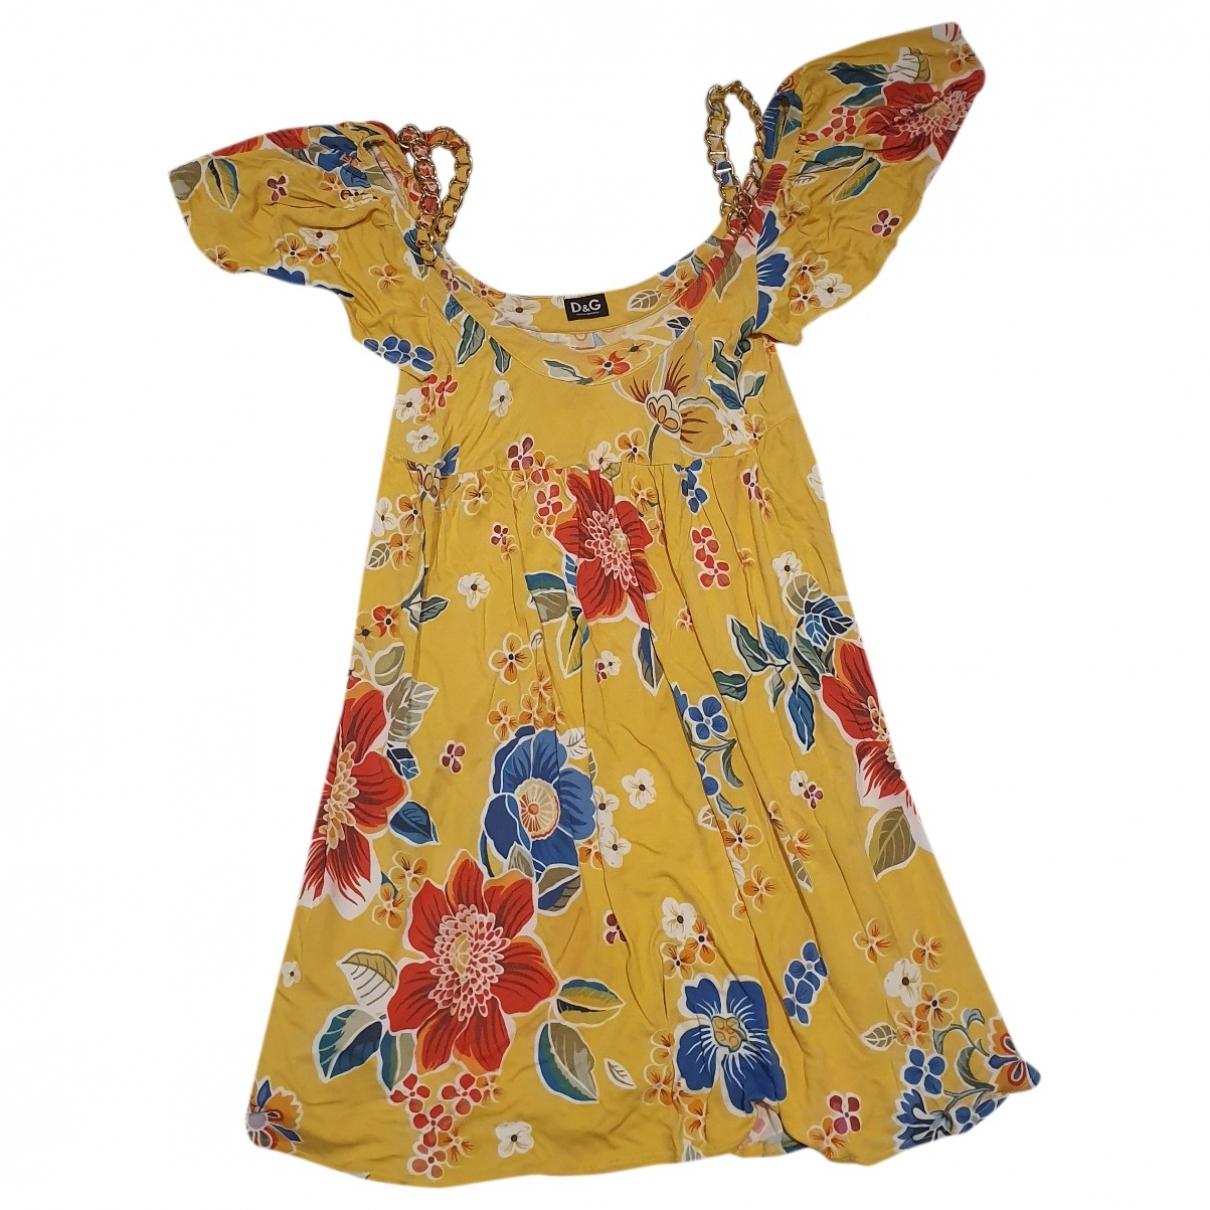 D&g - Robe   pour femme - multicolore